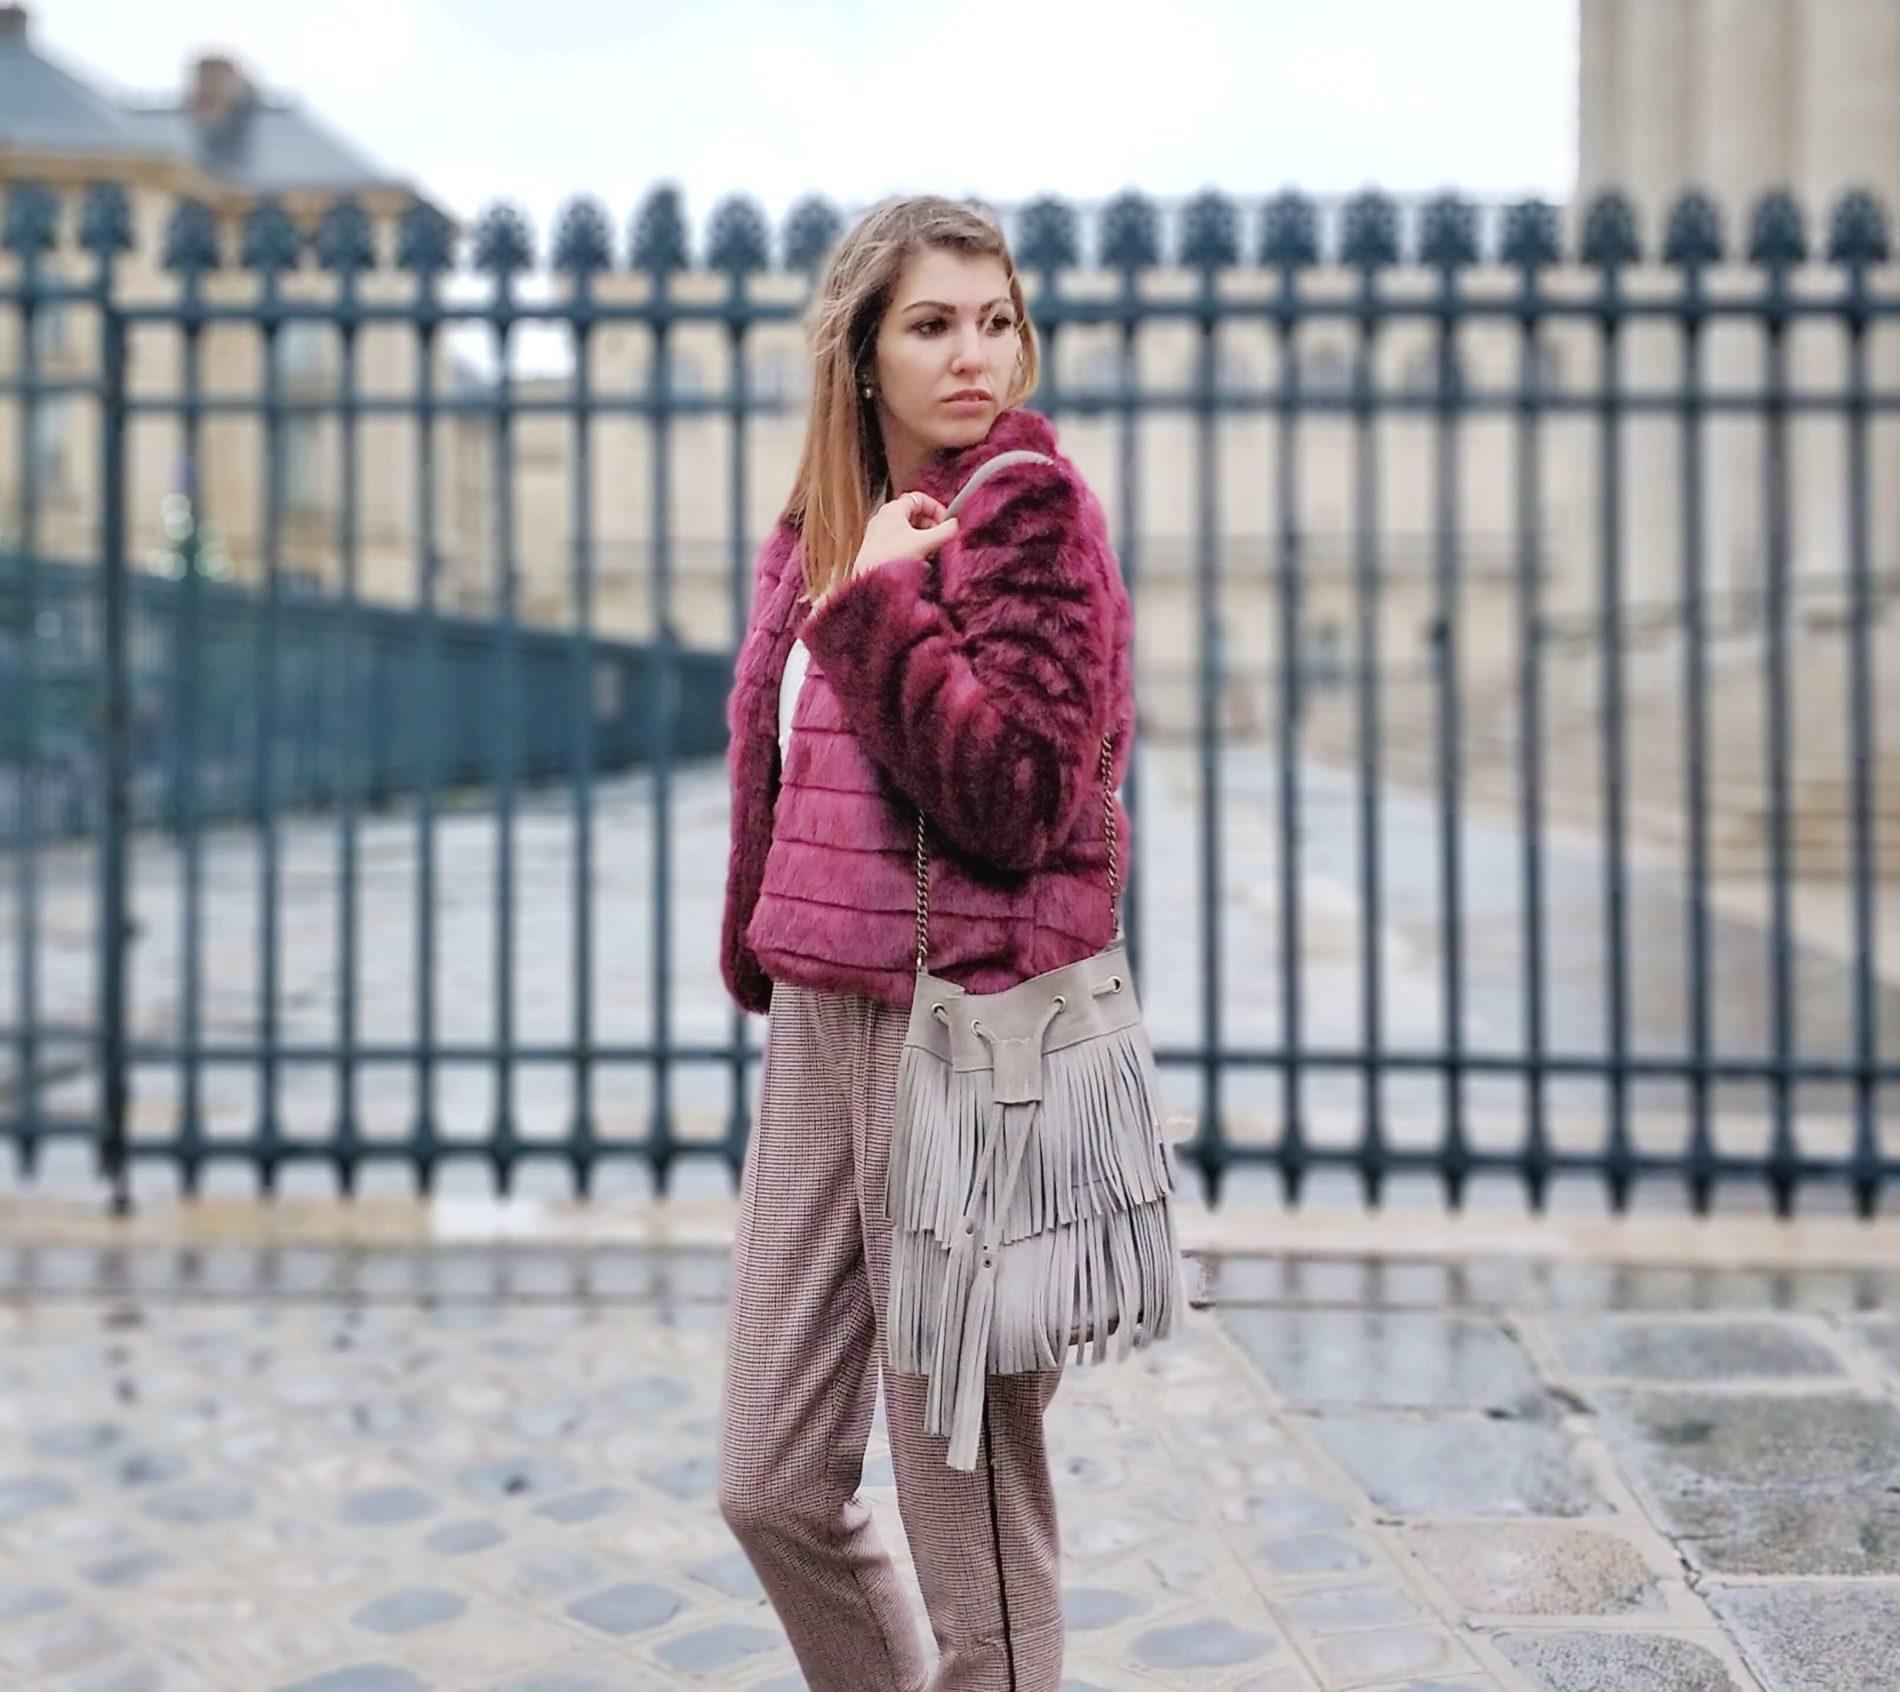 tenue veste fourrure bordeaux blog 1900x1692 - L'hiver en fausse fourrure